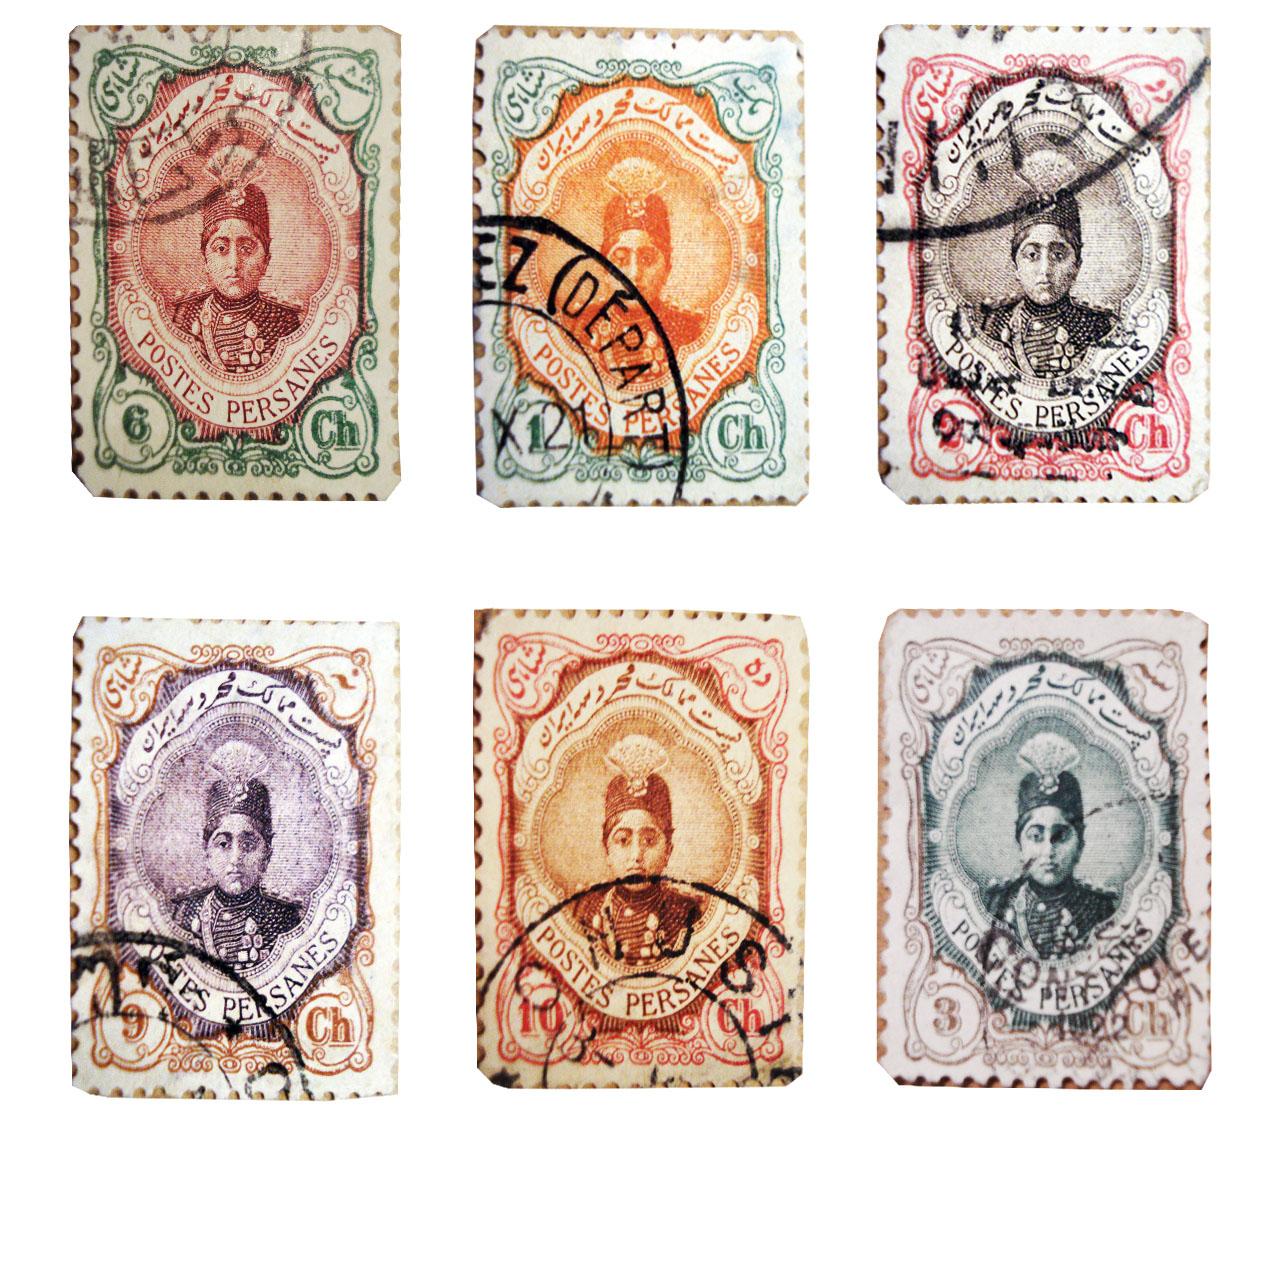 تمبر یادگاری سری قاجار مدل احمدی کوچک مجموعه 6 عددی